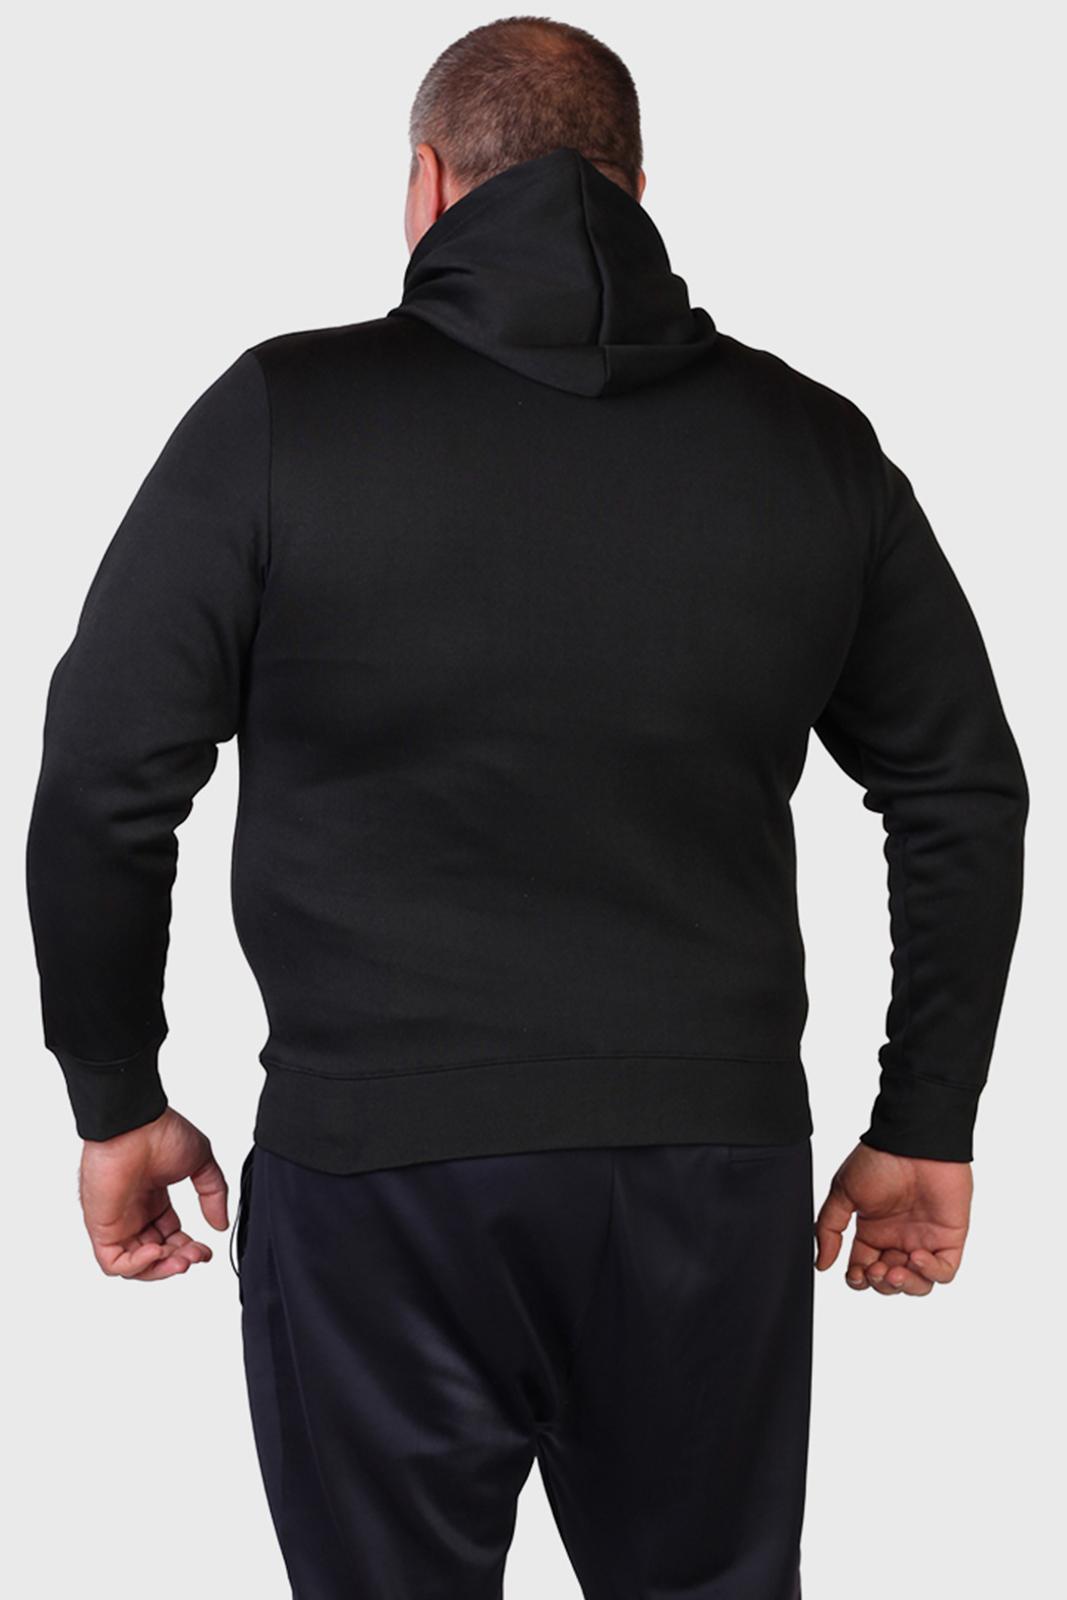 Черная толстовка без заморочек с шевроном Спецназа ГРУ.